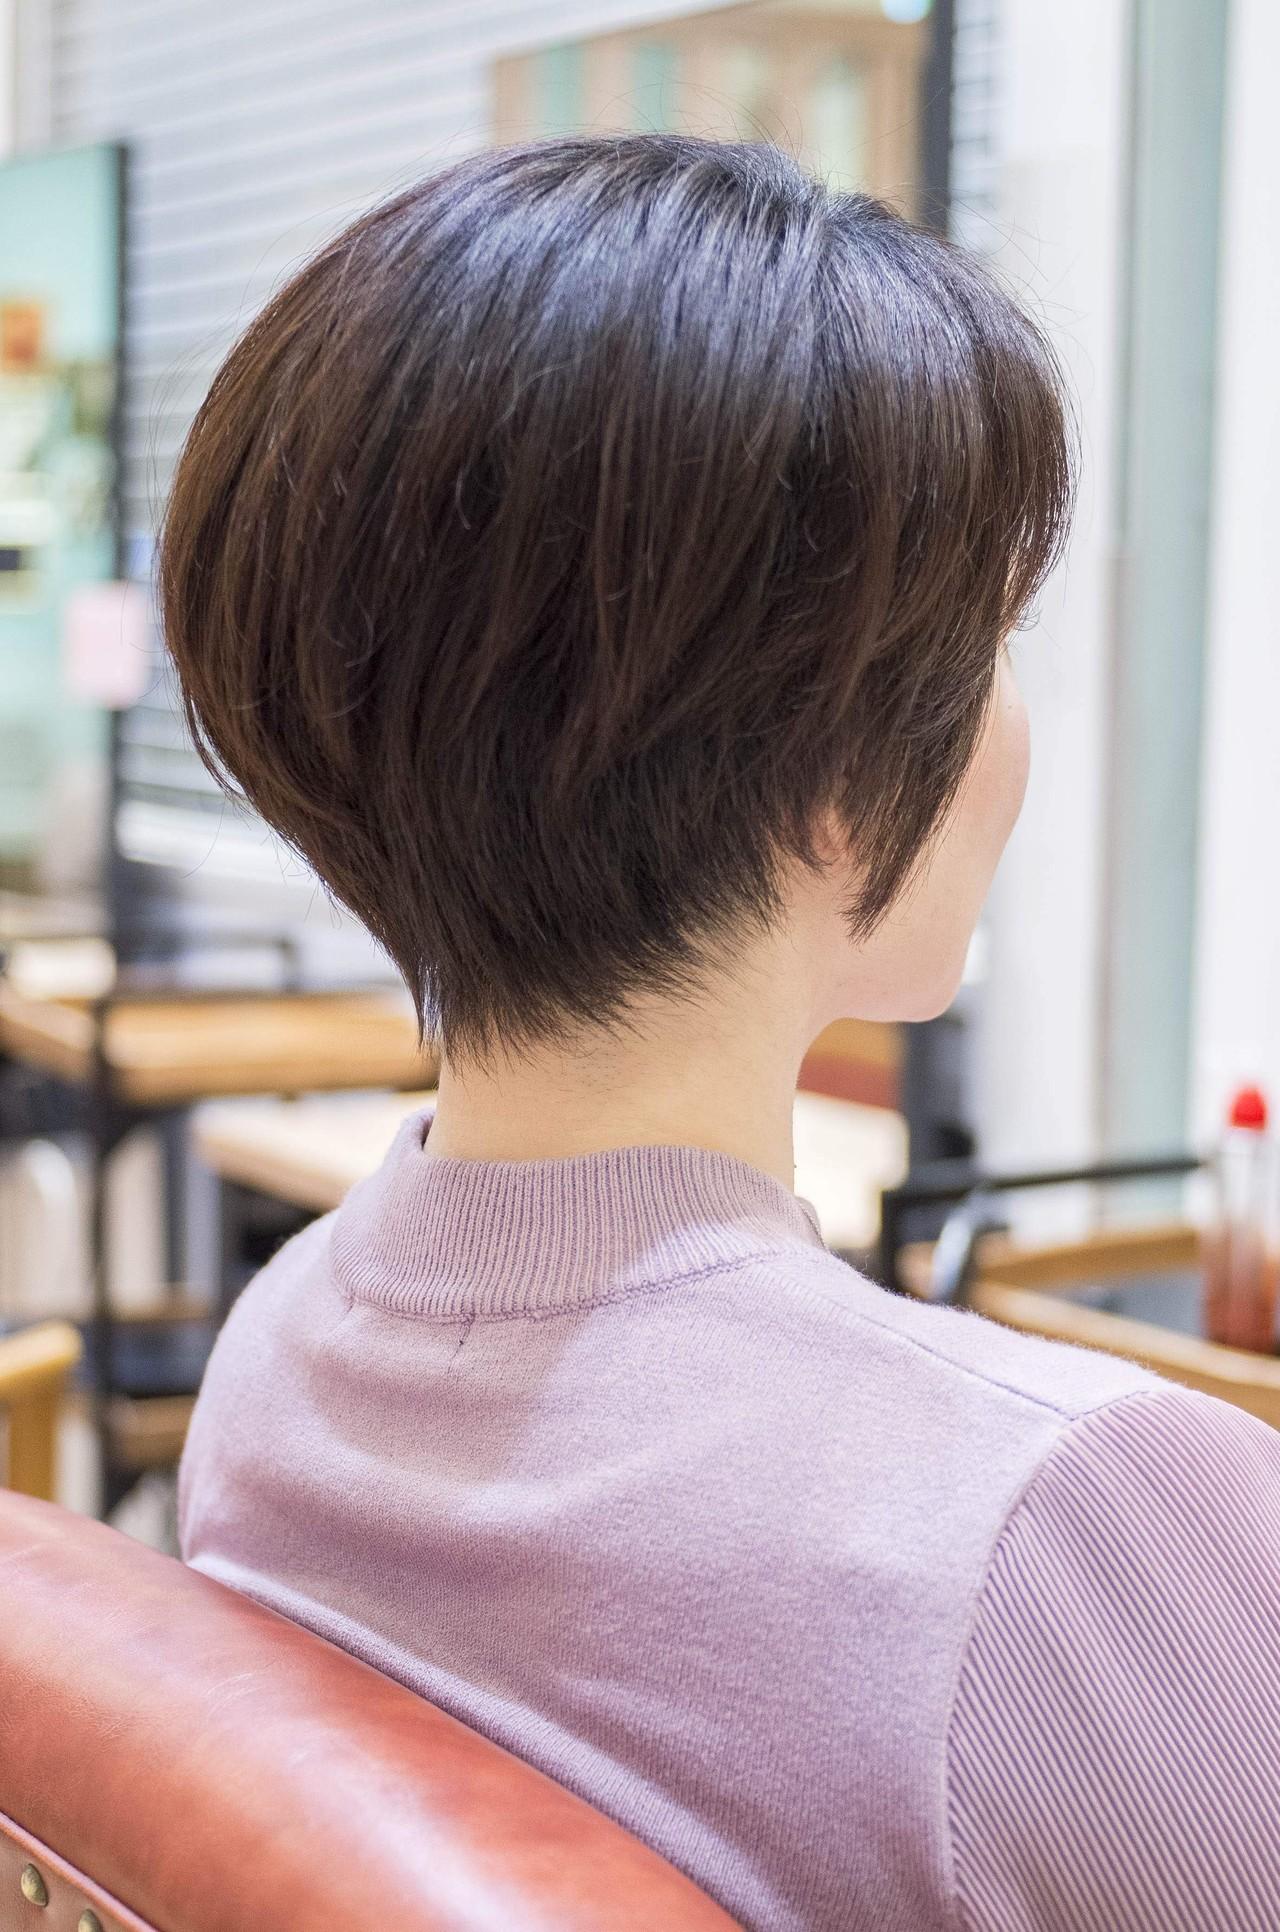 ハンサムショート 大人かわいい ショートヘア ショートボブ ヘアスタイルや髪型の写真・画像